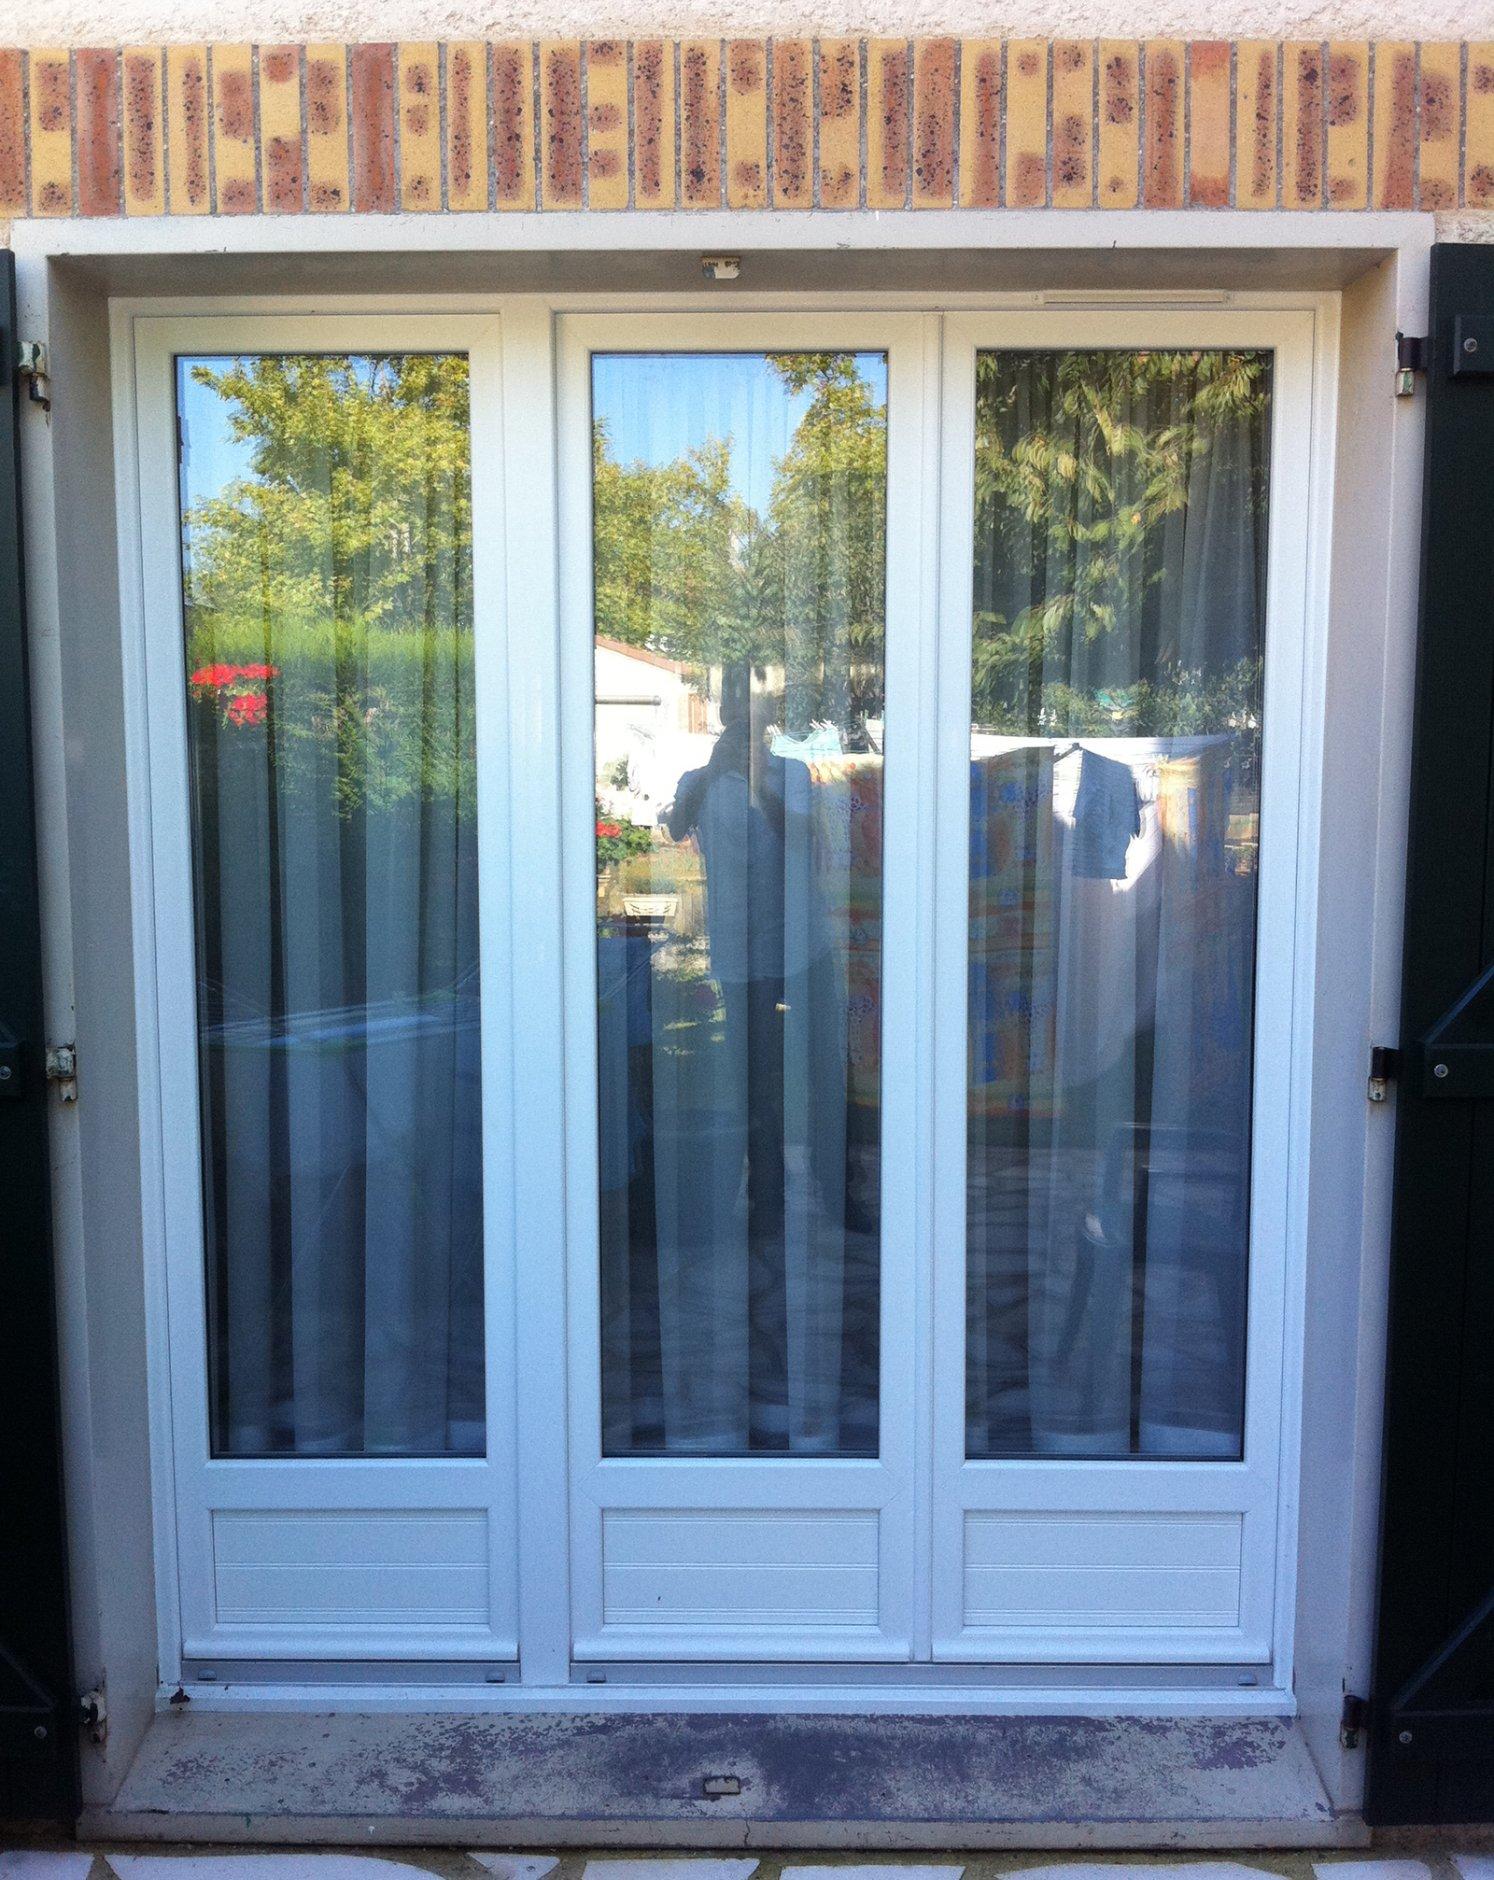 Esprit d'ouvertures Blandy(77) porte-fenêtre PVC dépose totale 4/16/4 deceuninck devis prix fenêtre PVC